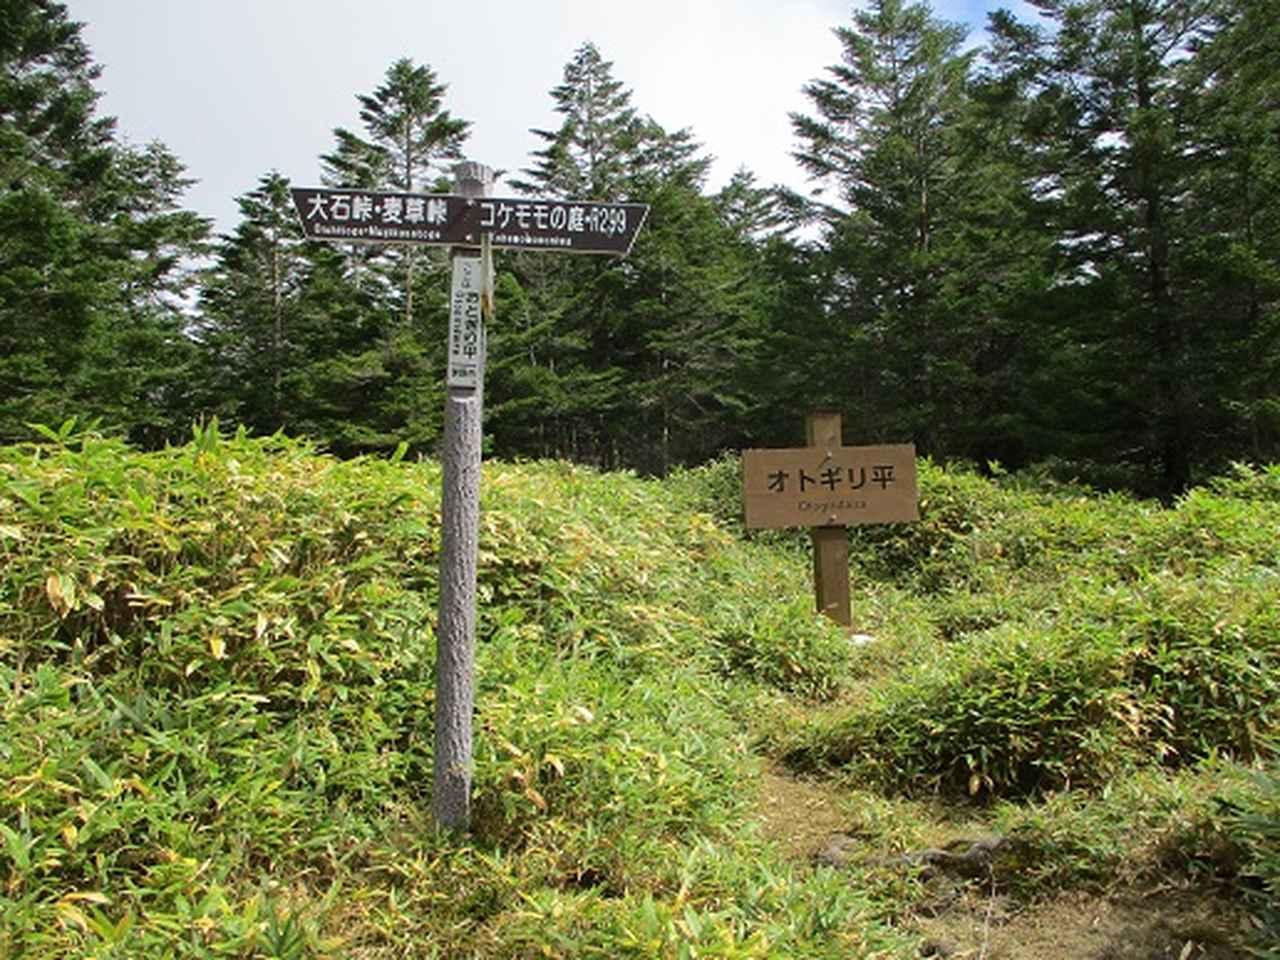 画像4: 【山旅会・登山ガイドこだわりツアー】岡田ガイドからの便り・麦草峠から五辻ツアーの下見にいってまいりました!